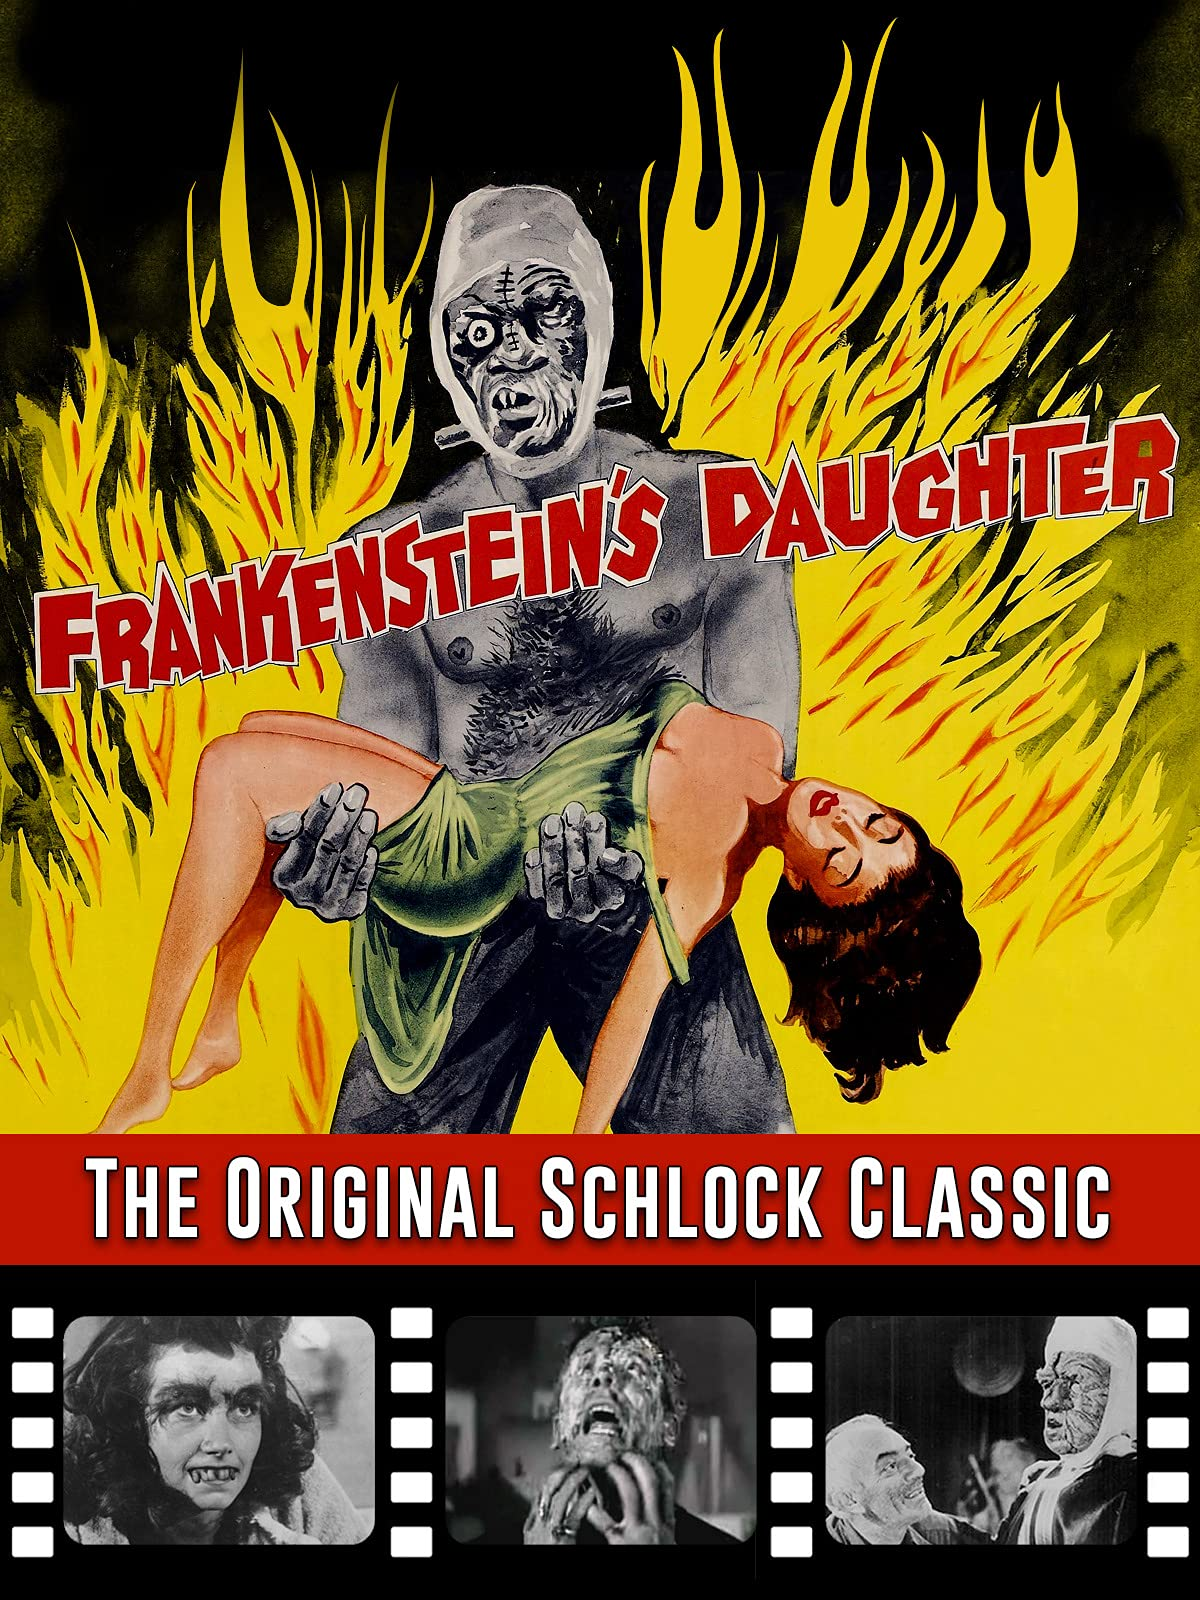 Frankenstein's Daughter - The Original Schlock Classic on Amazon Prime Video UK